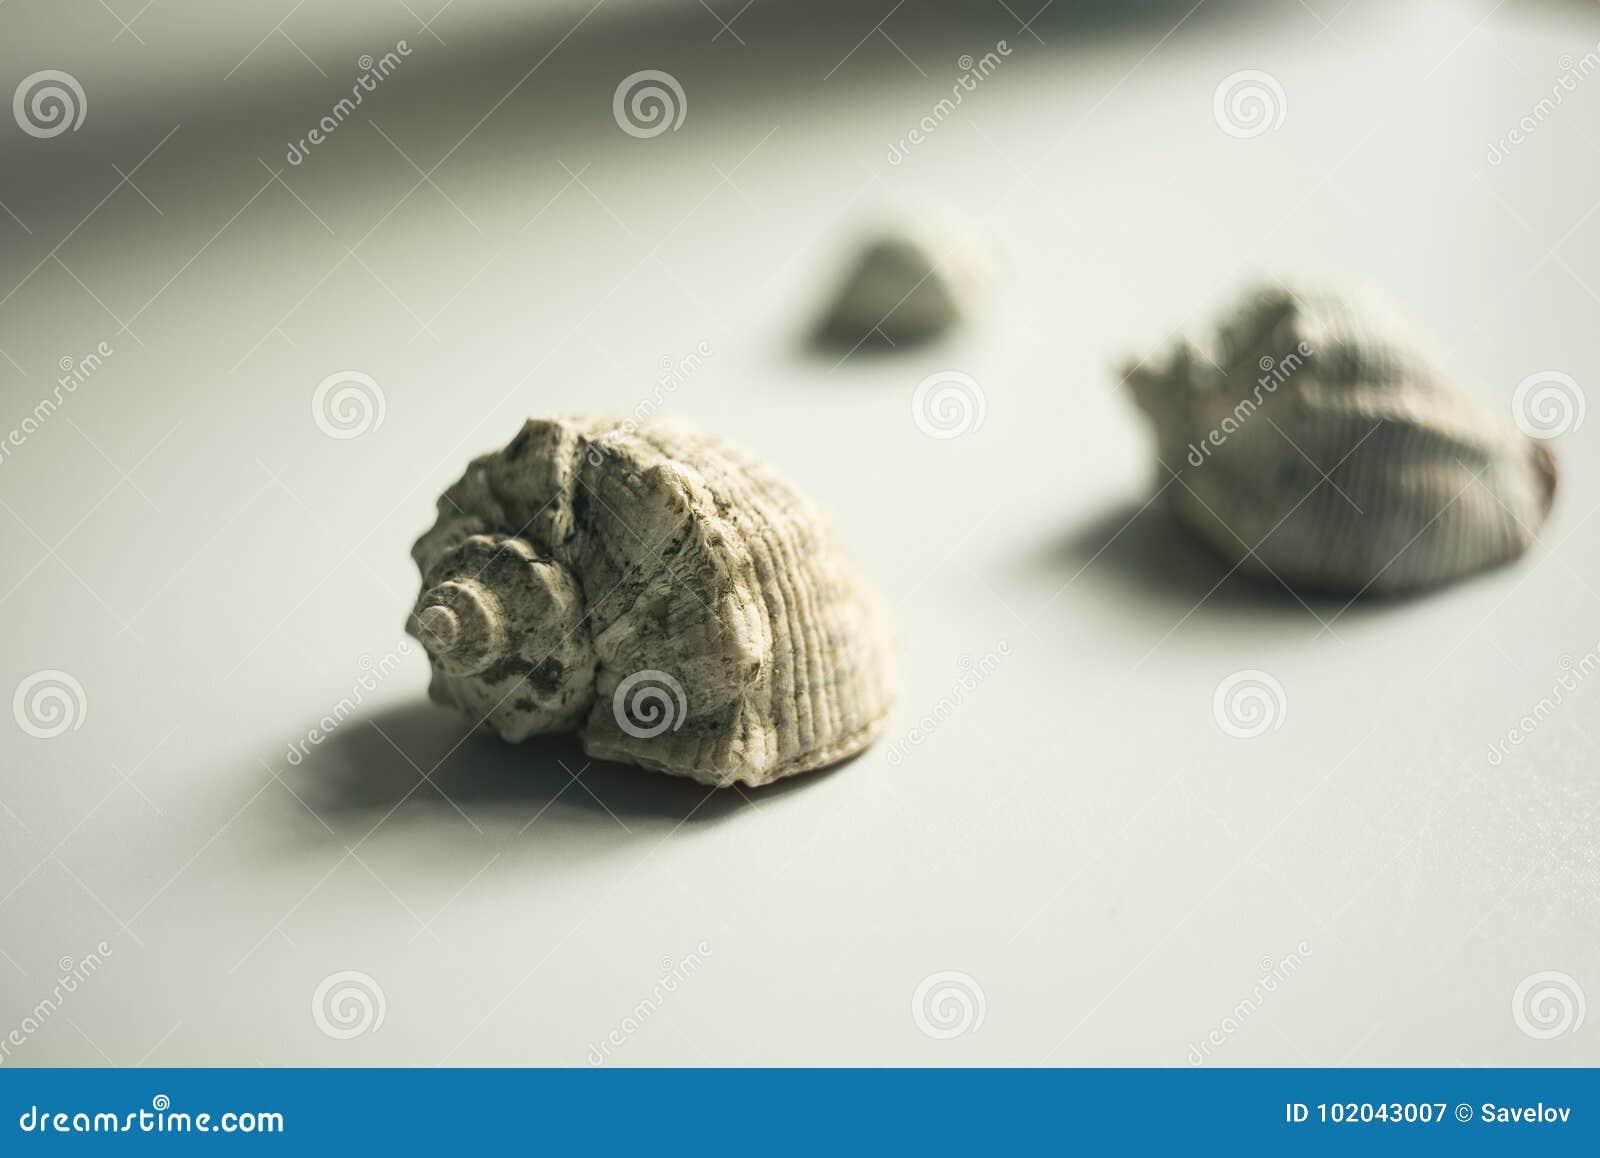 Ainda vida com conchas do mar em um fundo claro